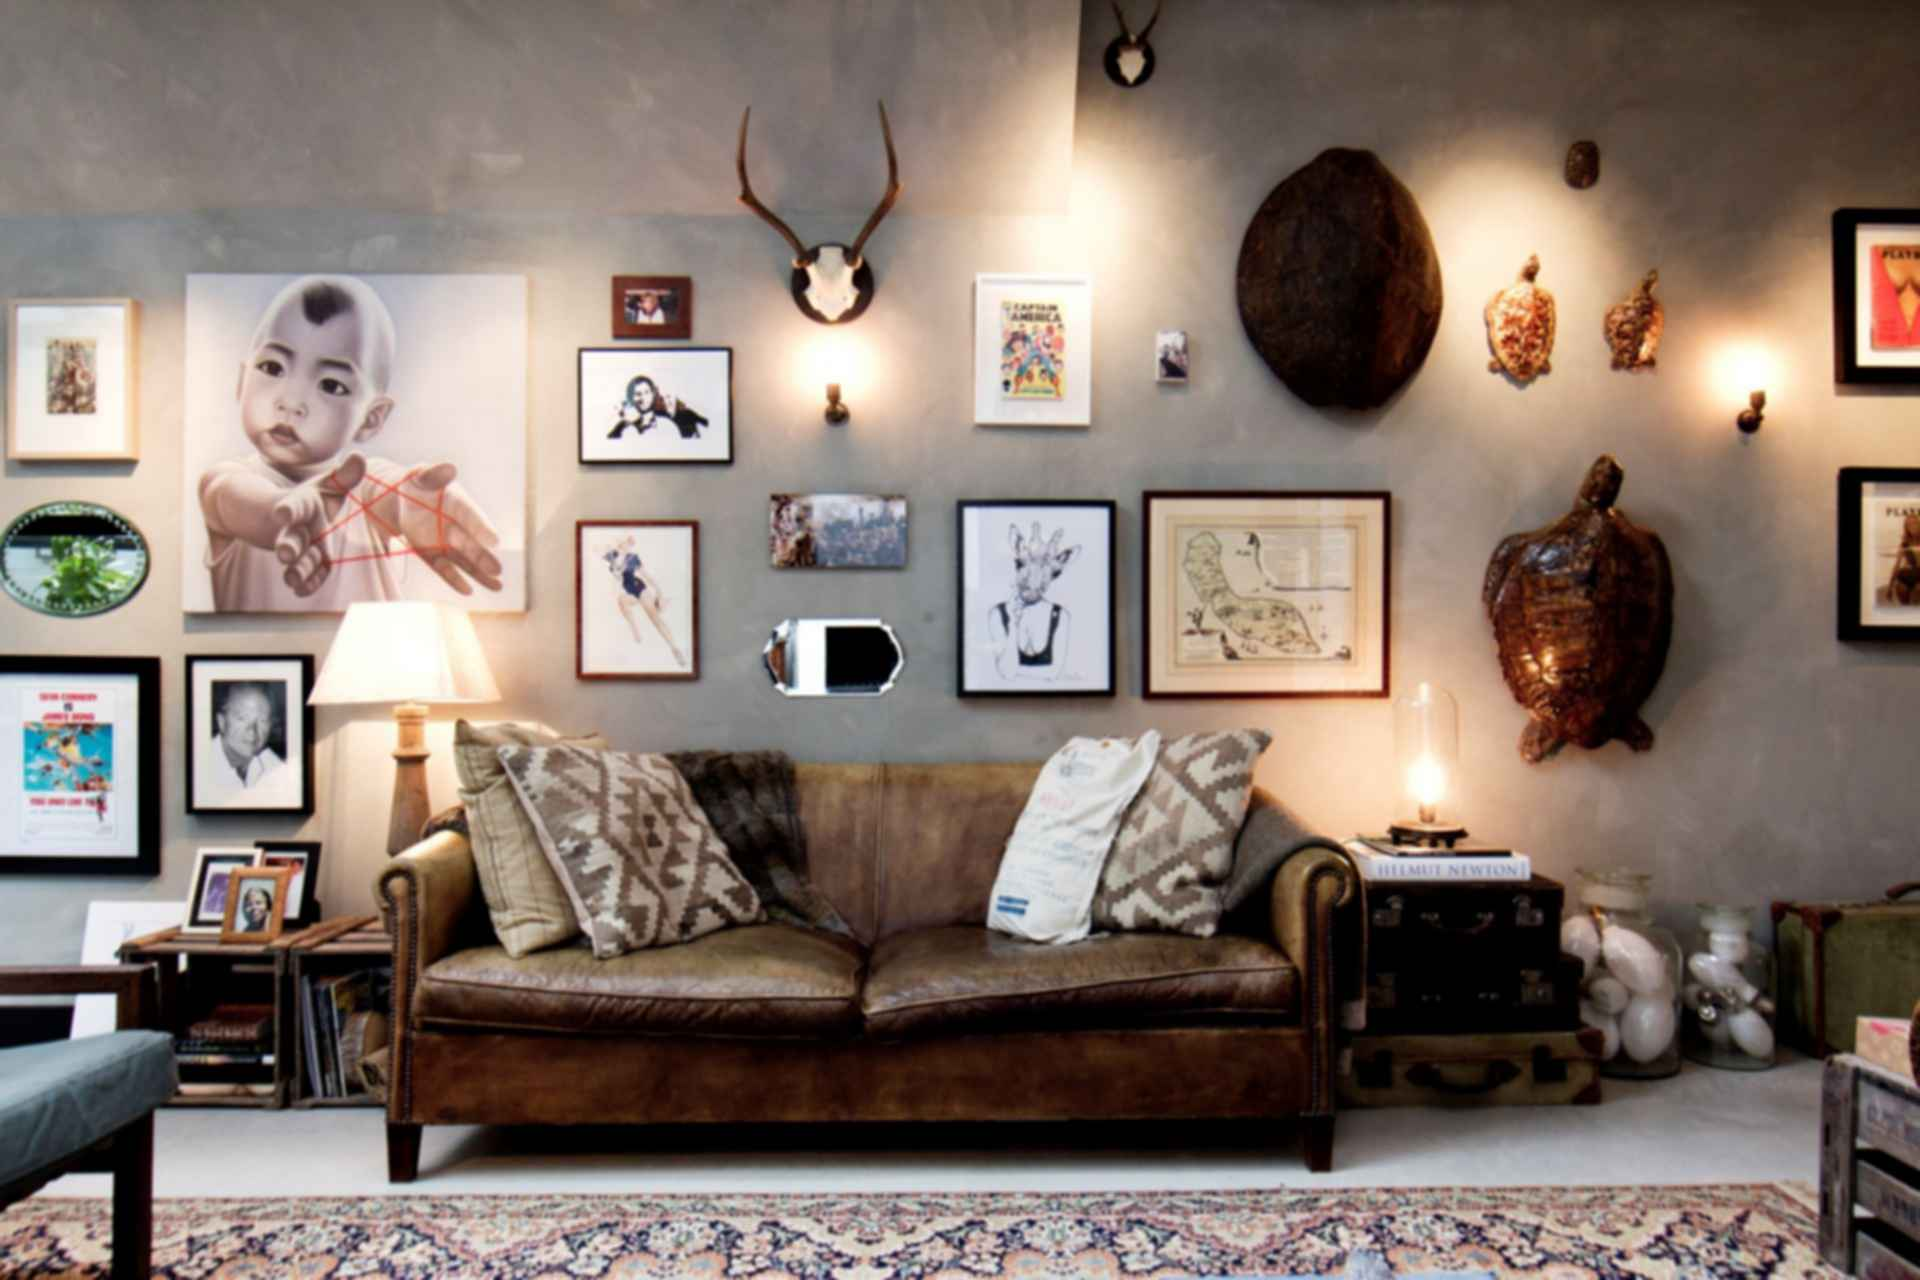 Garage Loft in Amsterdam - Lounge